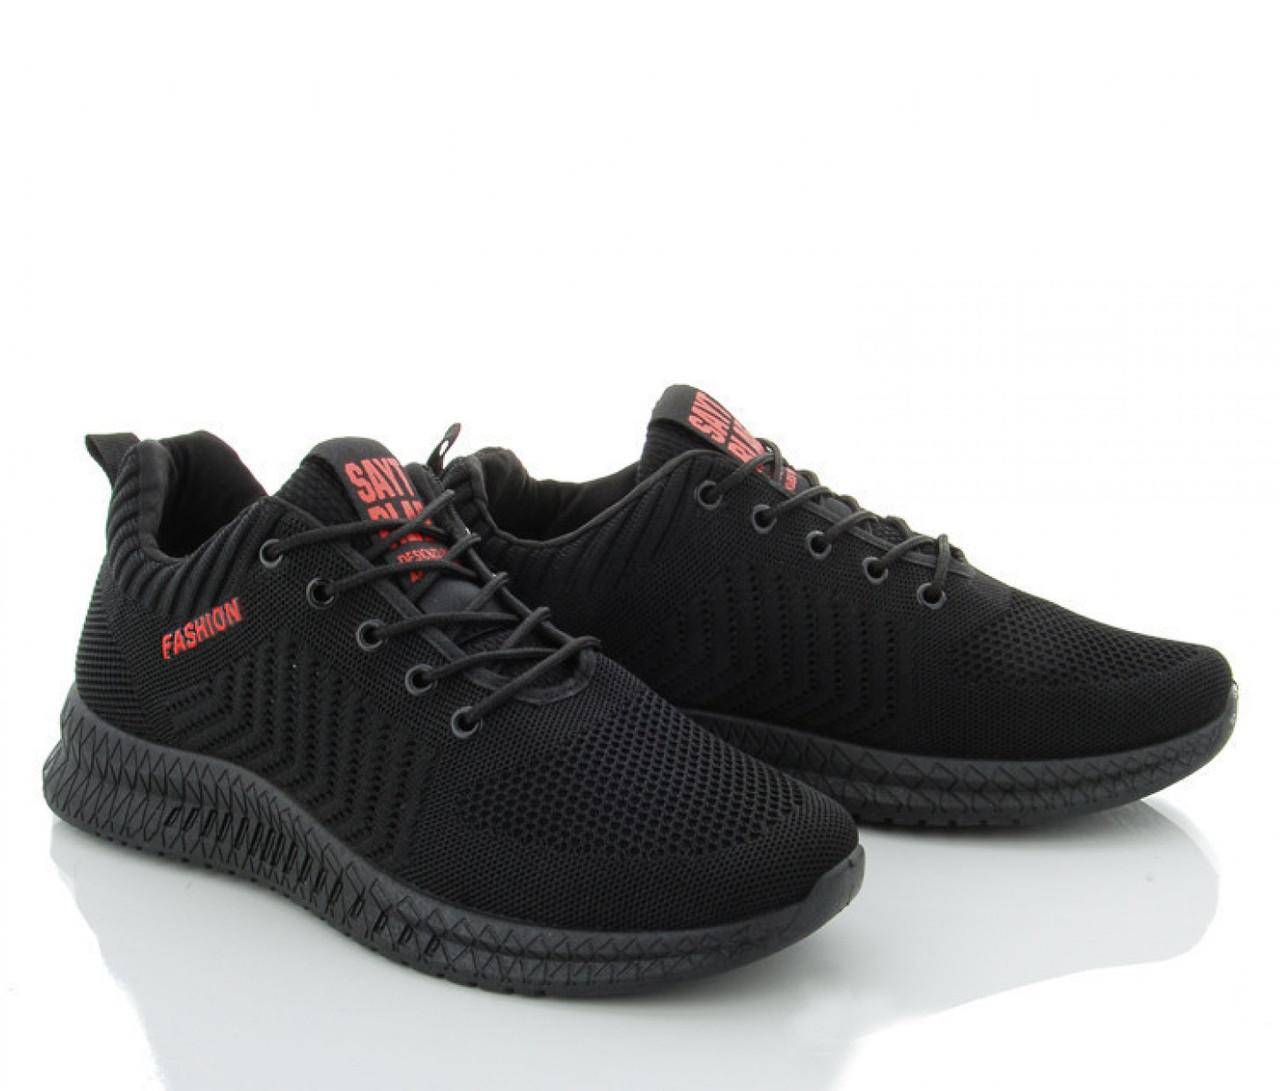 Мужские сетчатые молодежные кроссовки черные летние 40 р. - 26 см SAYT 1180481973